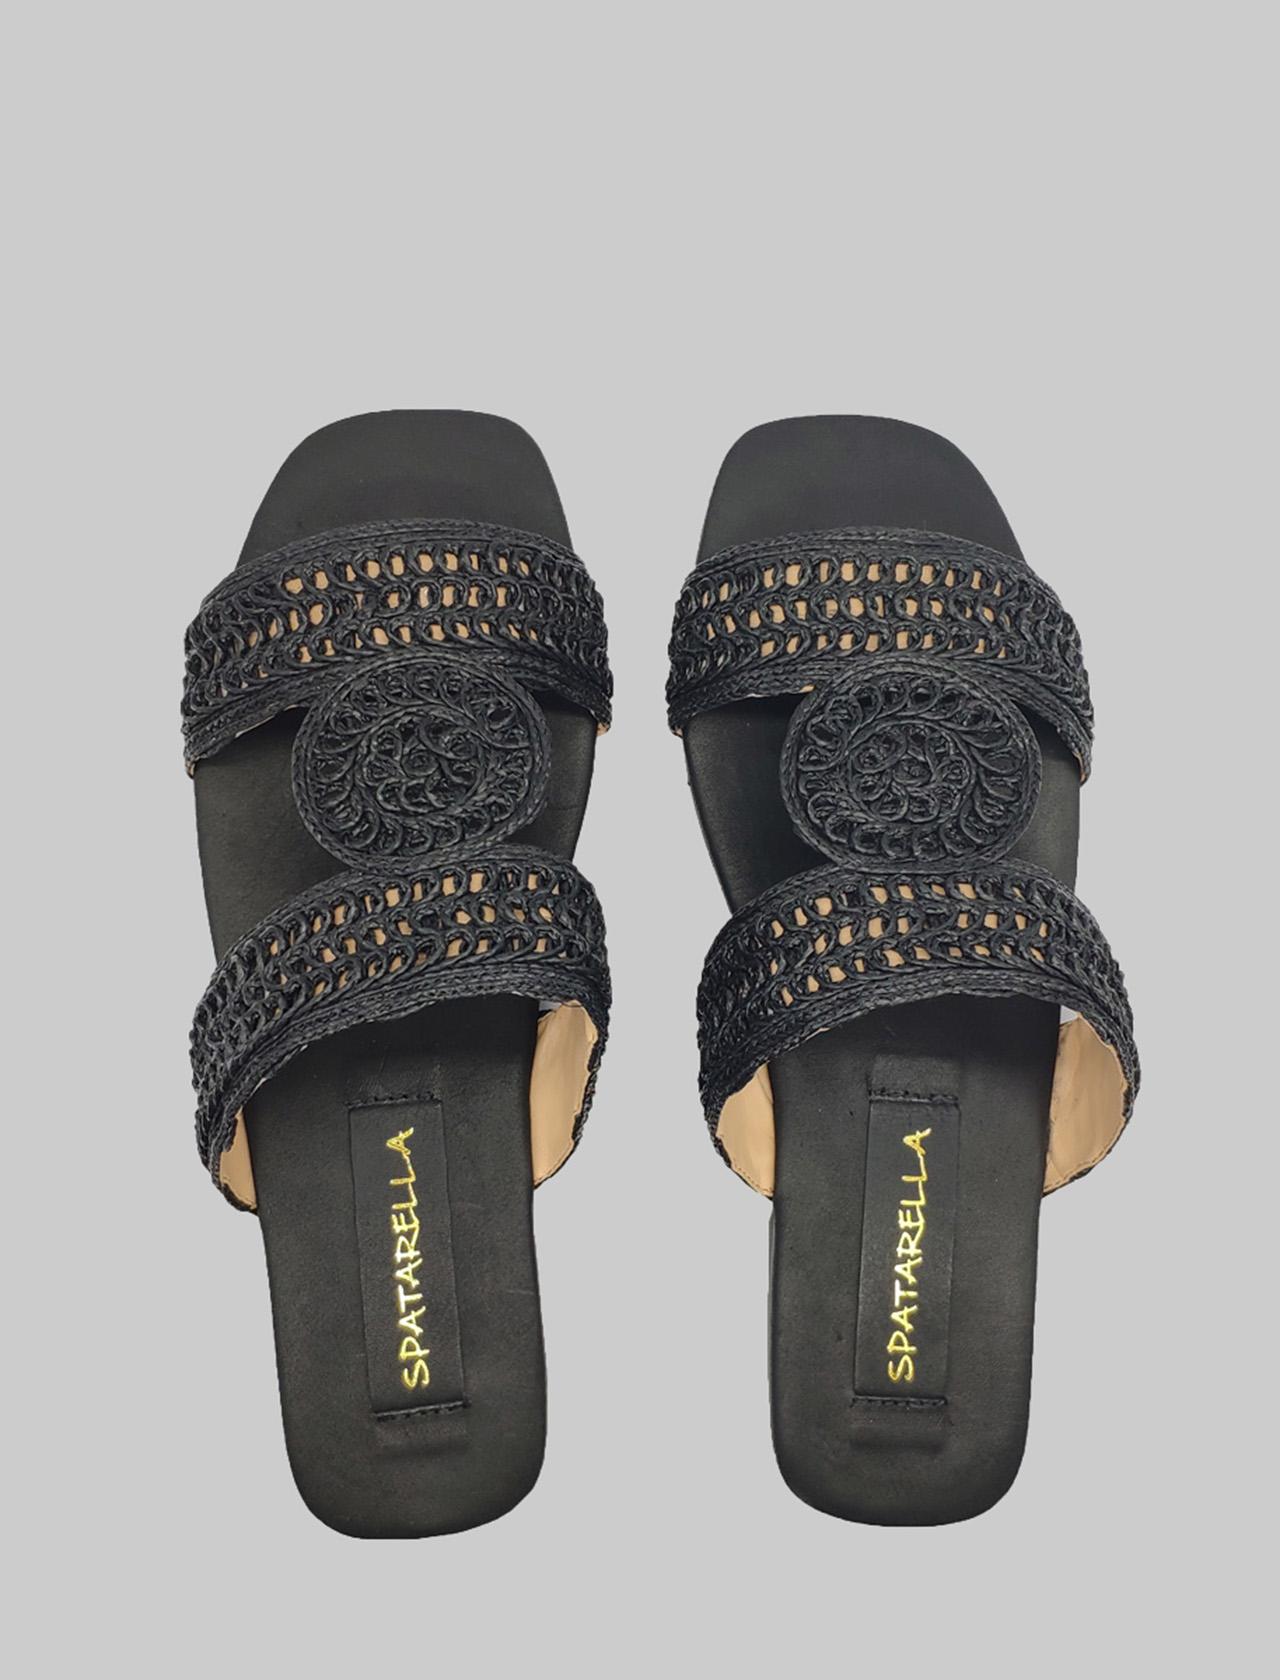 Spatarella   Flat sandals   409026UNIQUENERO